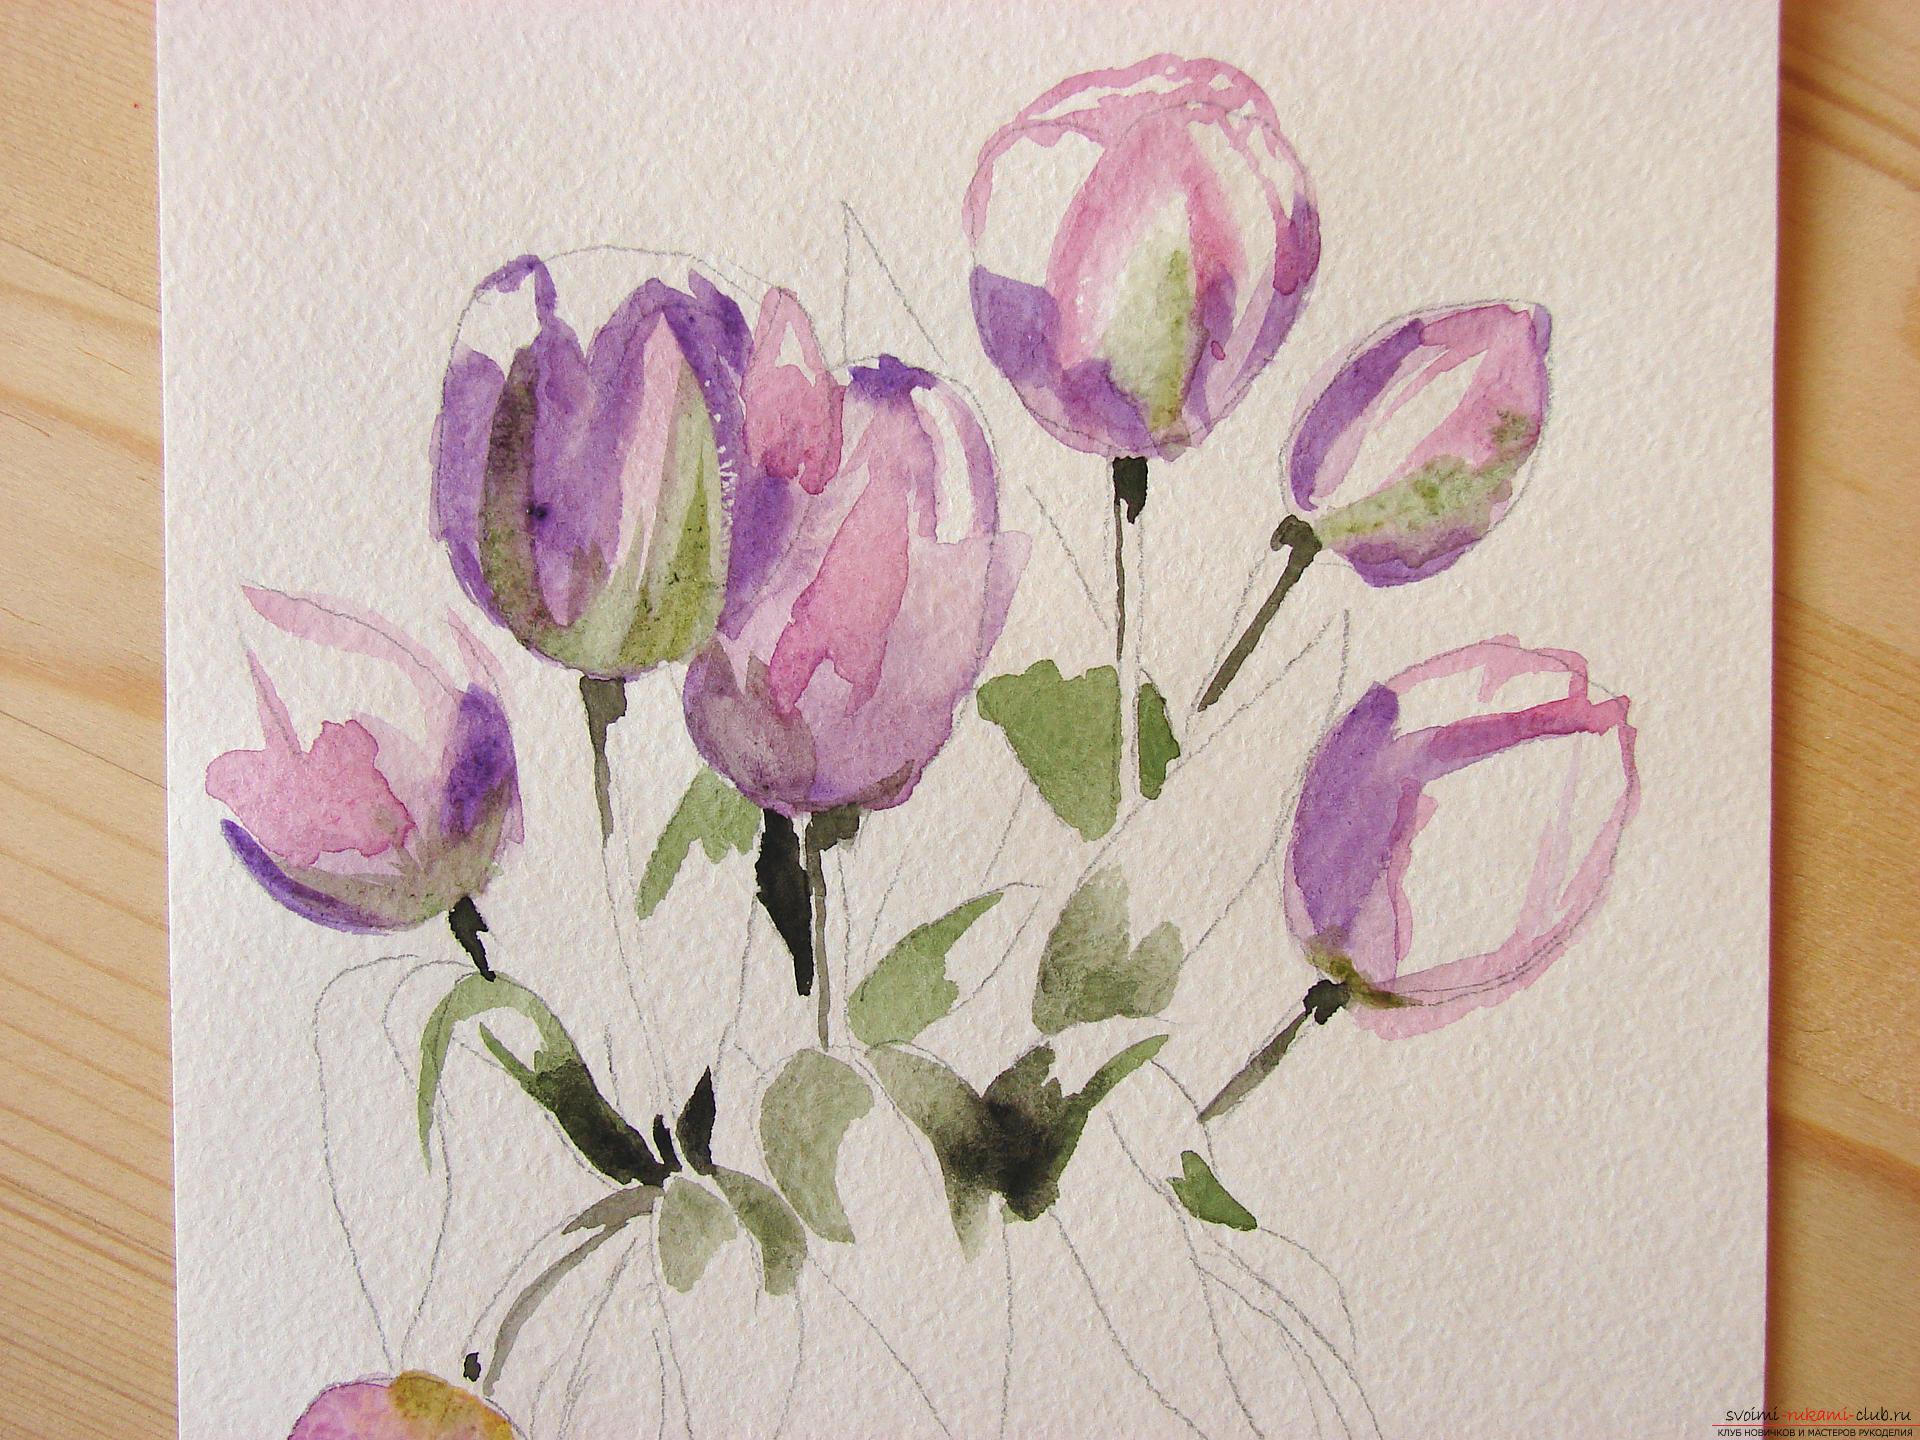 Мастер-класс по рисованию с фото научит как нарисовать цветы, подробно описав как рисуются тюльпаны поэтапно.. Фото №7